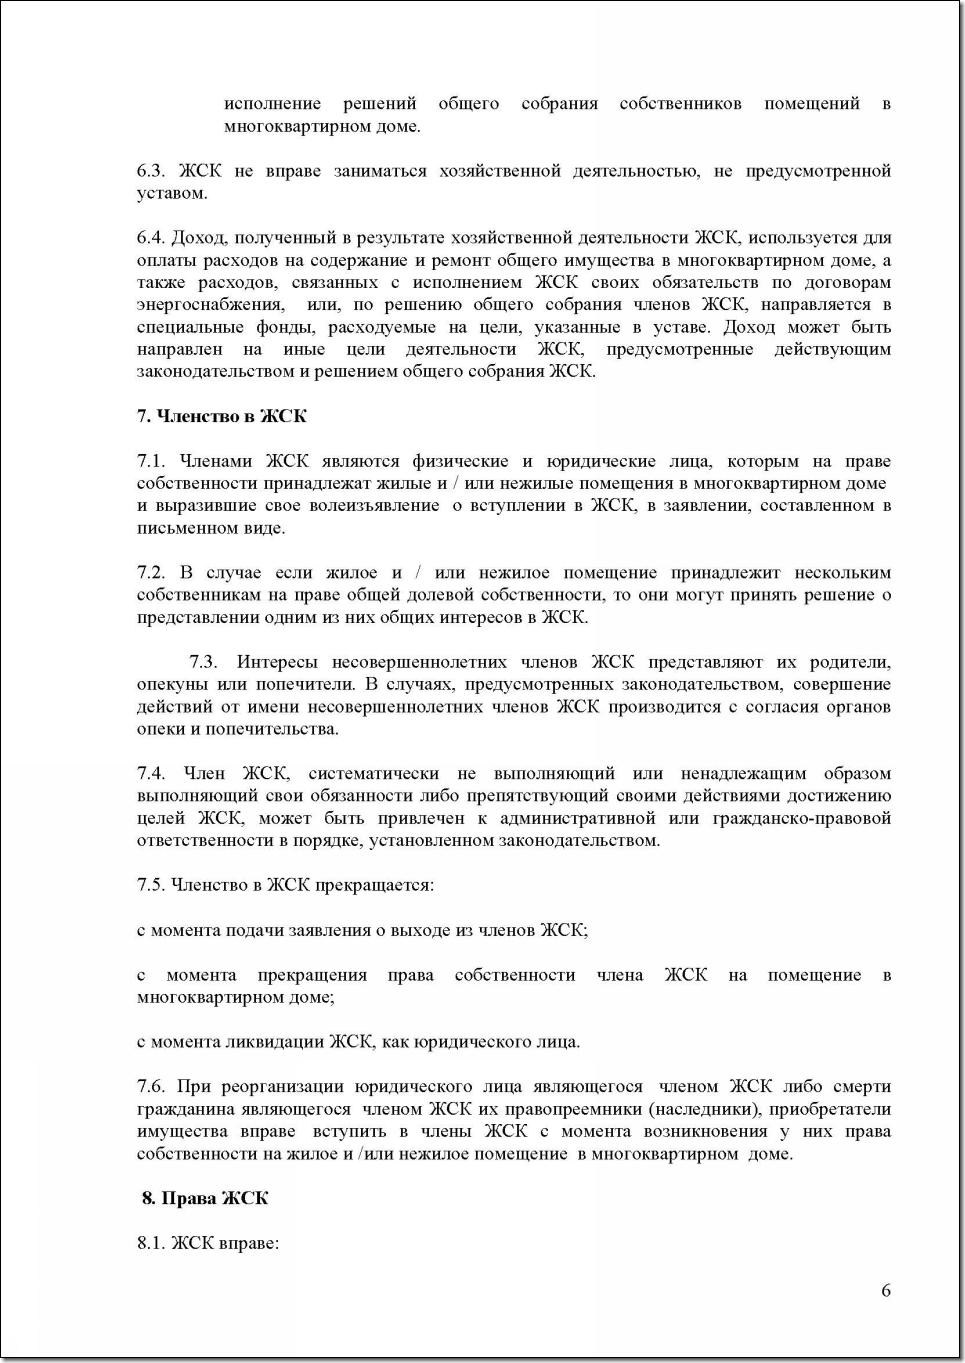 prava-i-obyazannosti-chlenov-zhsk